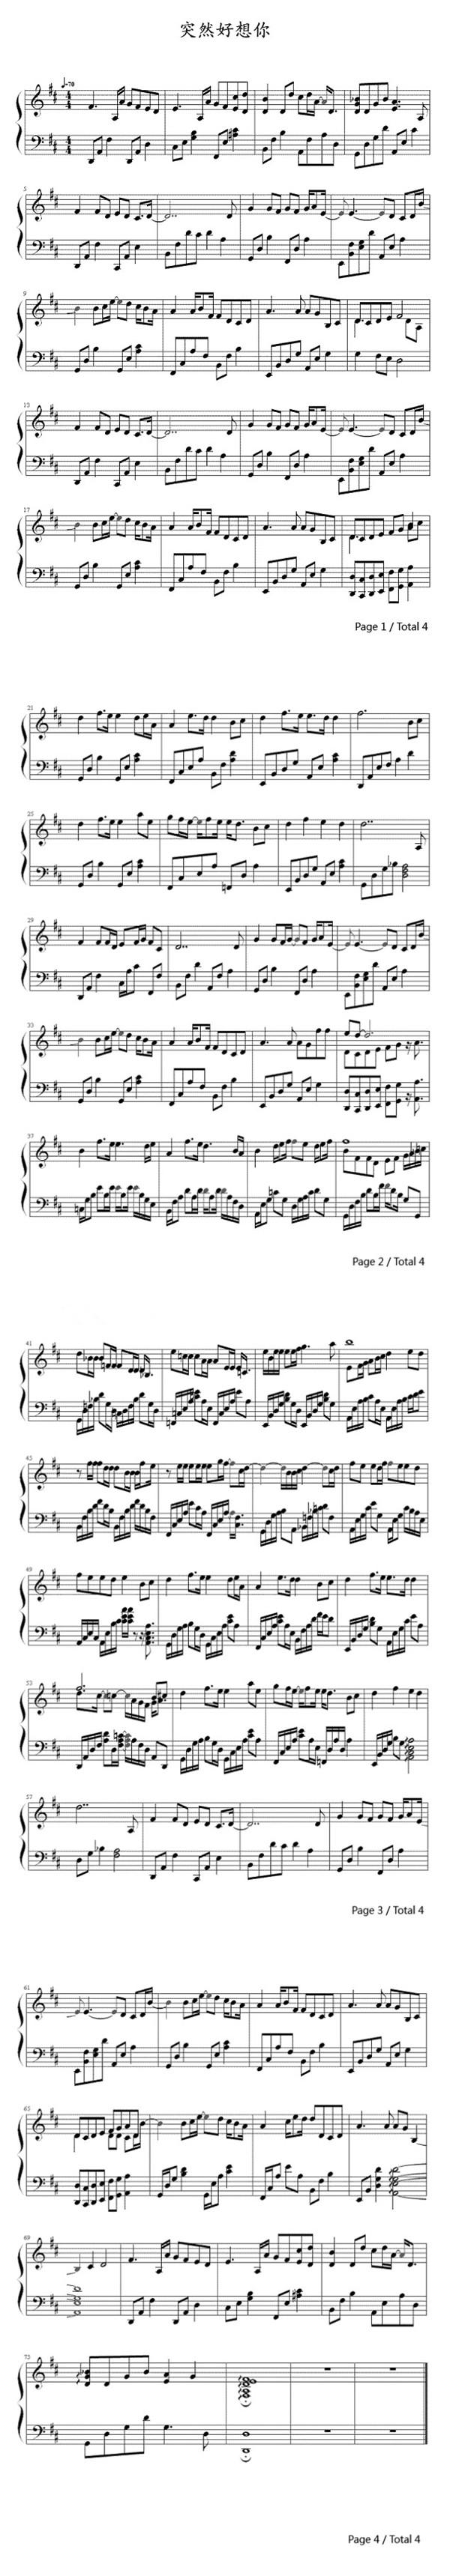 突然好想你钢琴谱_musicdu乐度音乐生态圈-乐器行业